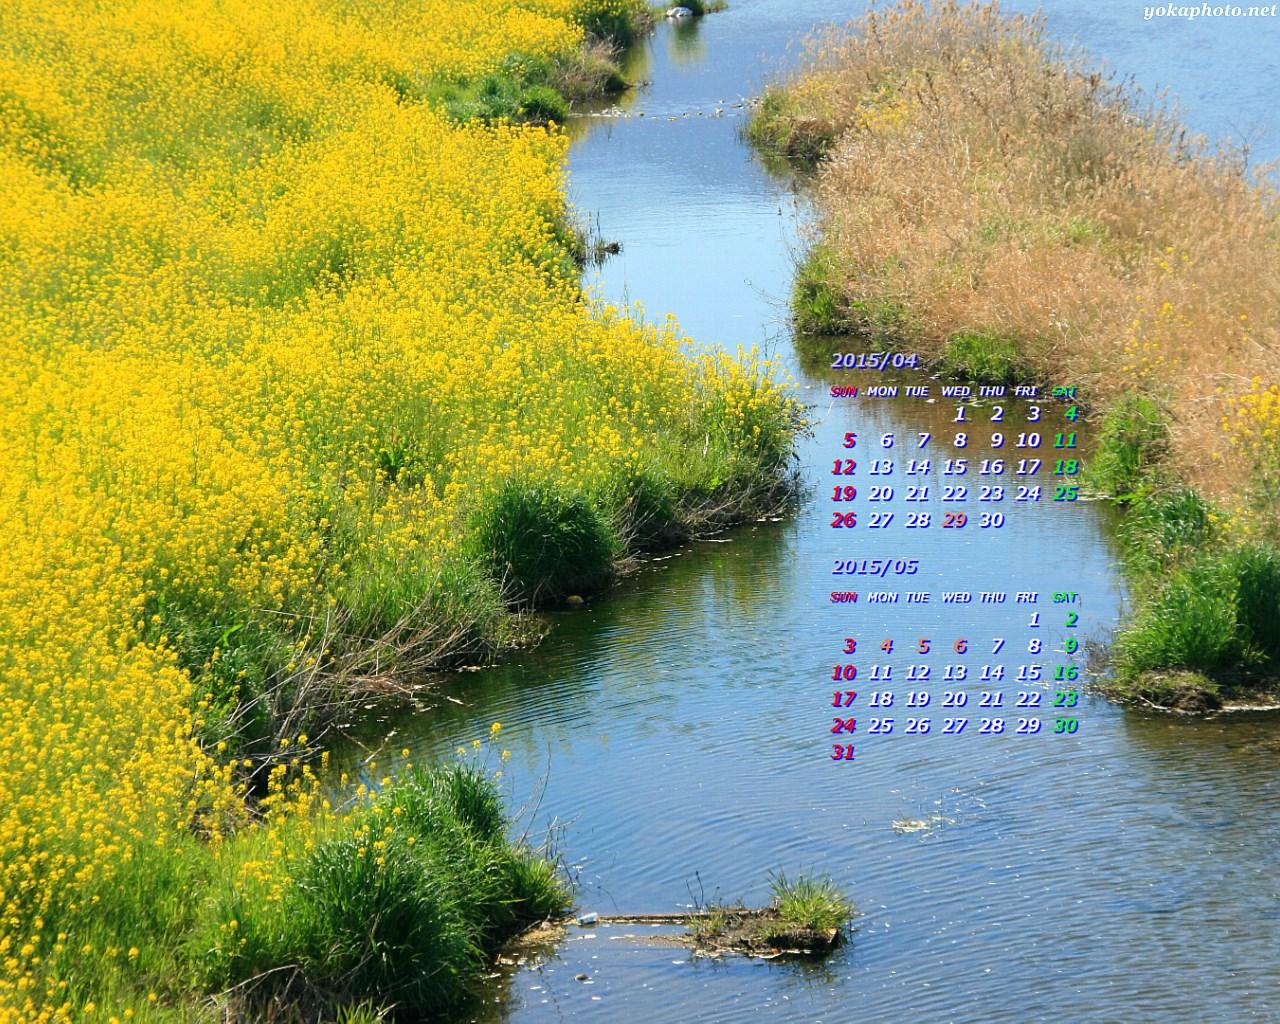 カレンダー 4月のカレンダー 2015 : 2015年4月カレンダー壁紙